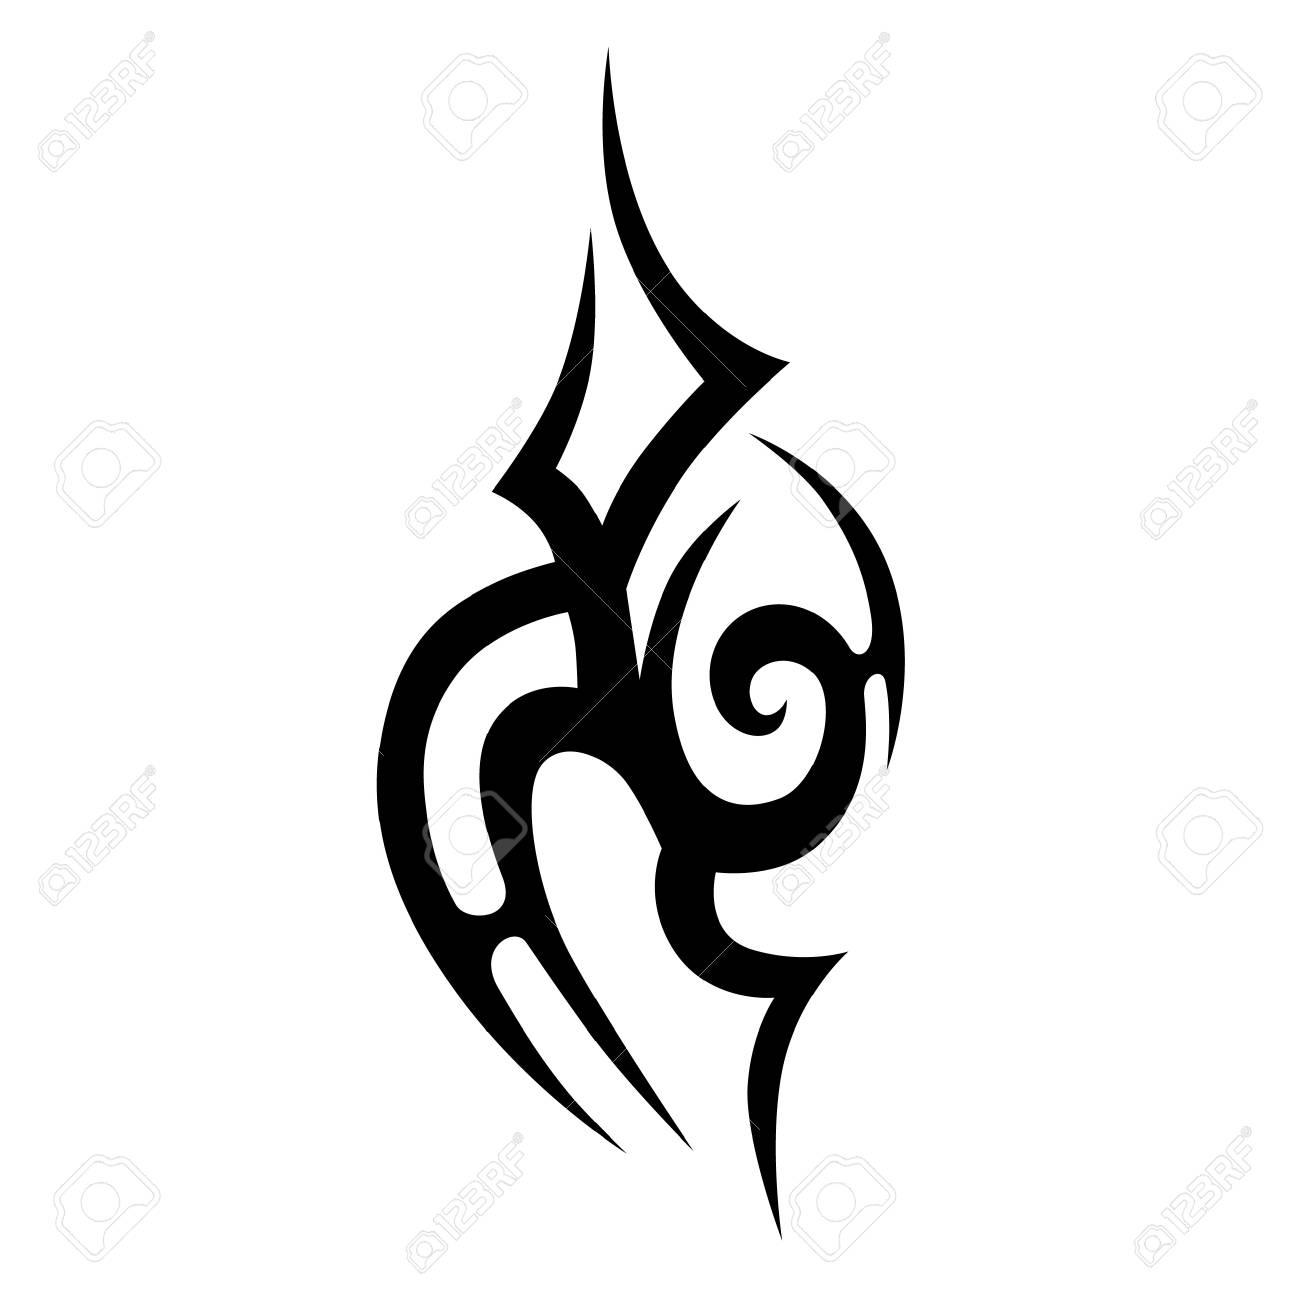 Tattoo Tribal Vector Designs Tattoos Art Rh 123rf Com Machine Free Download